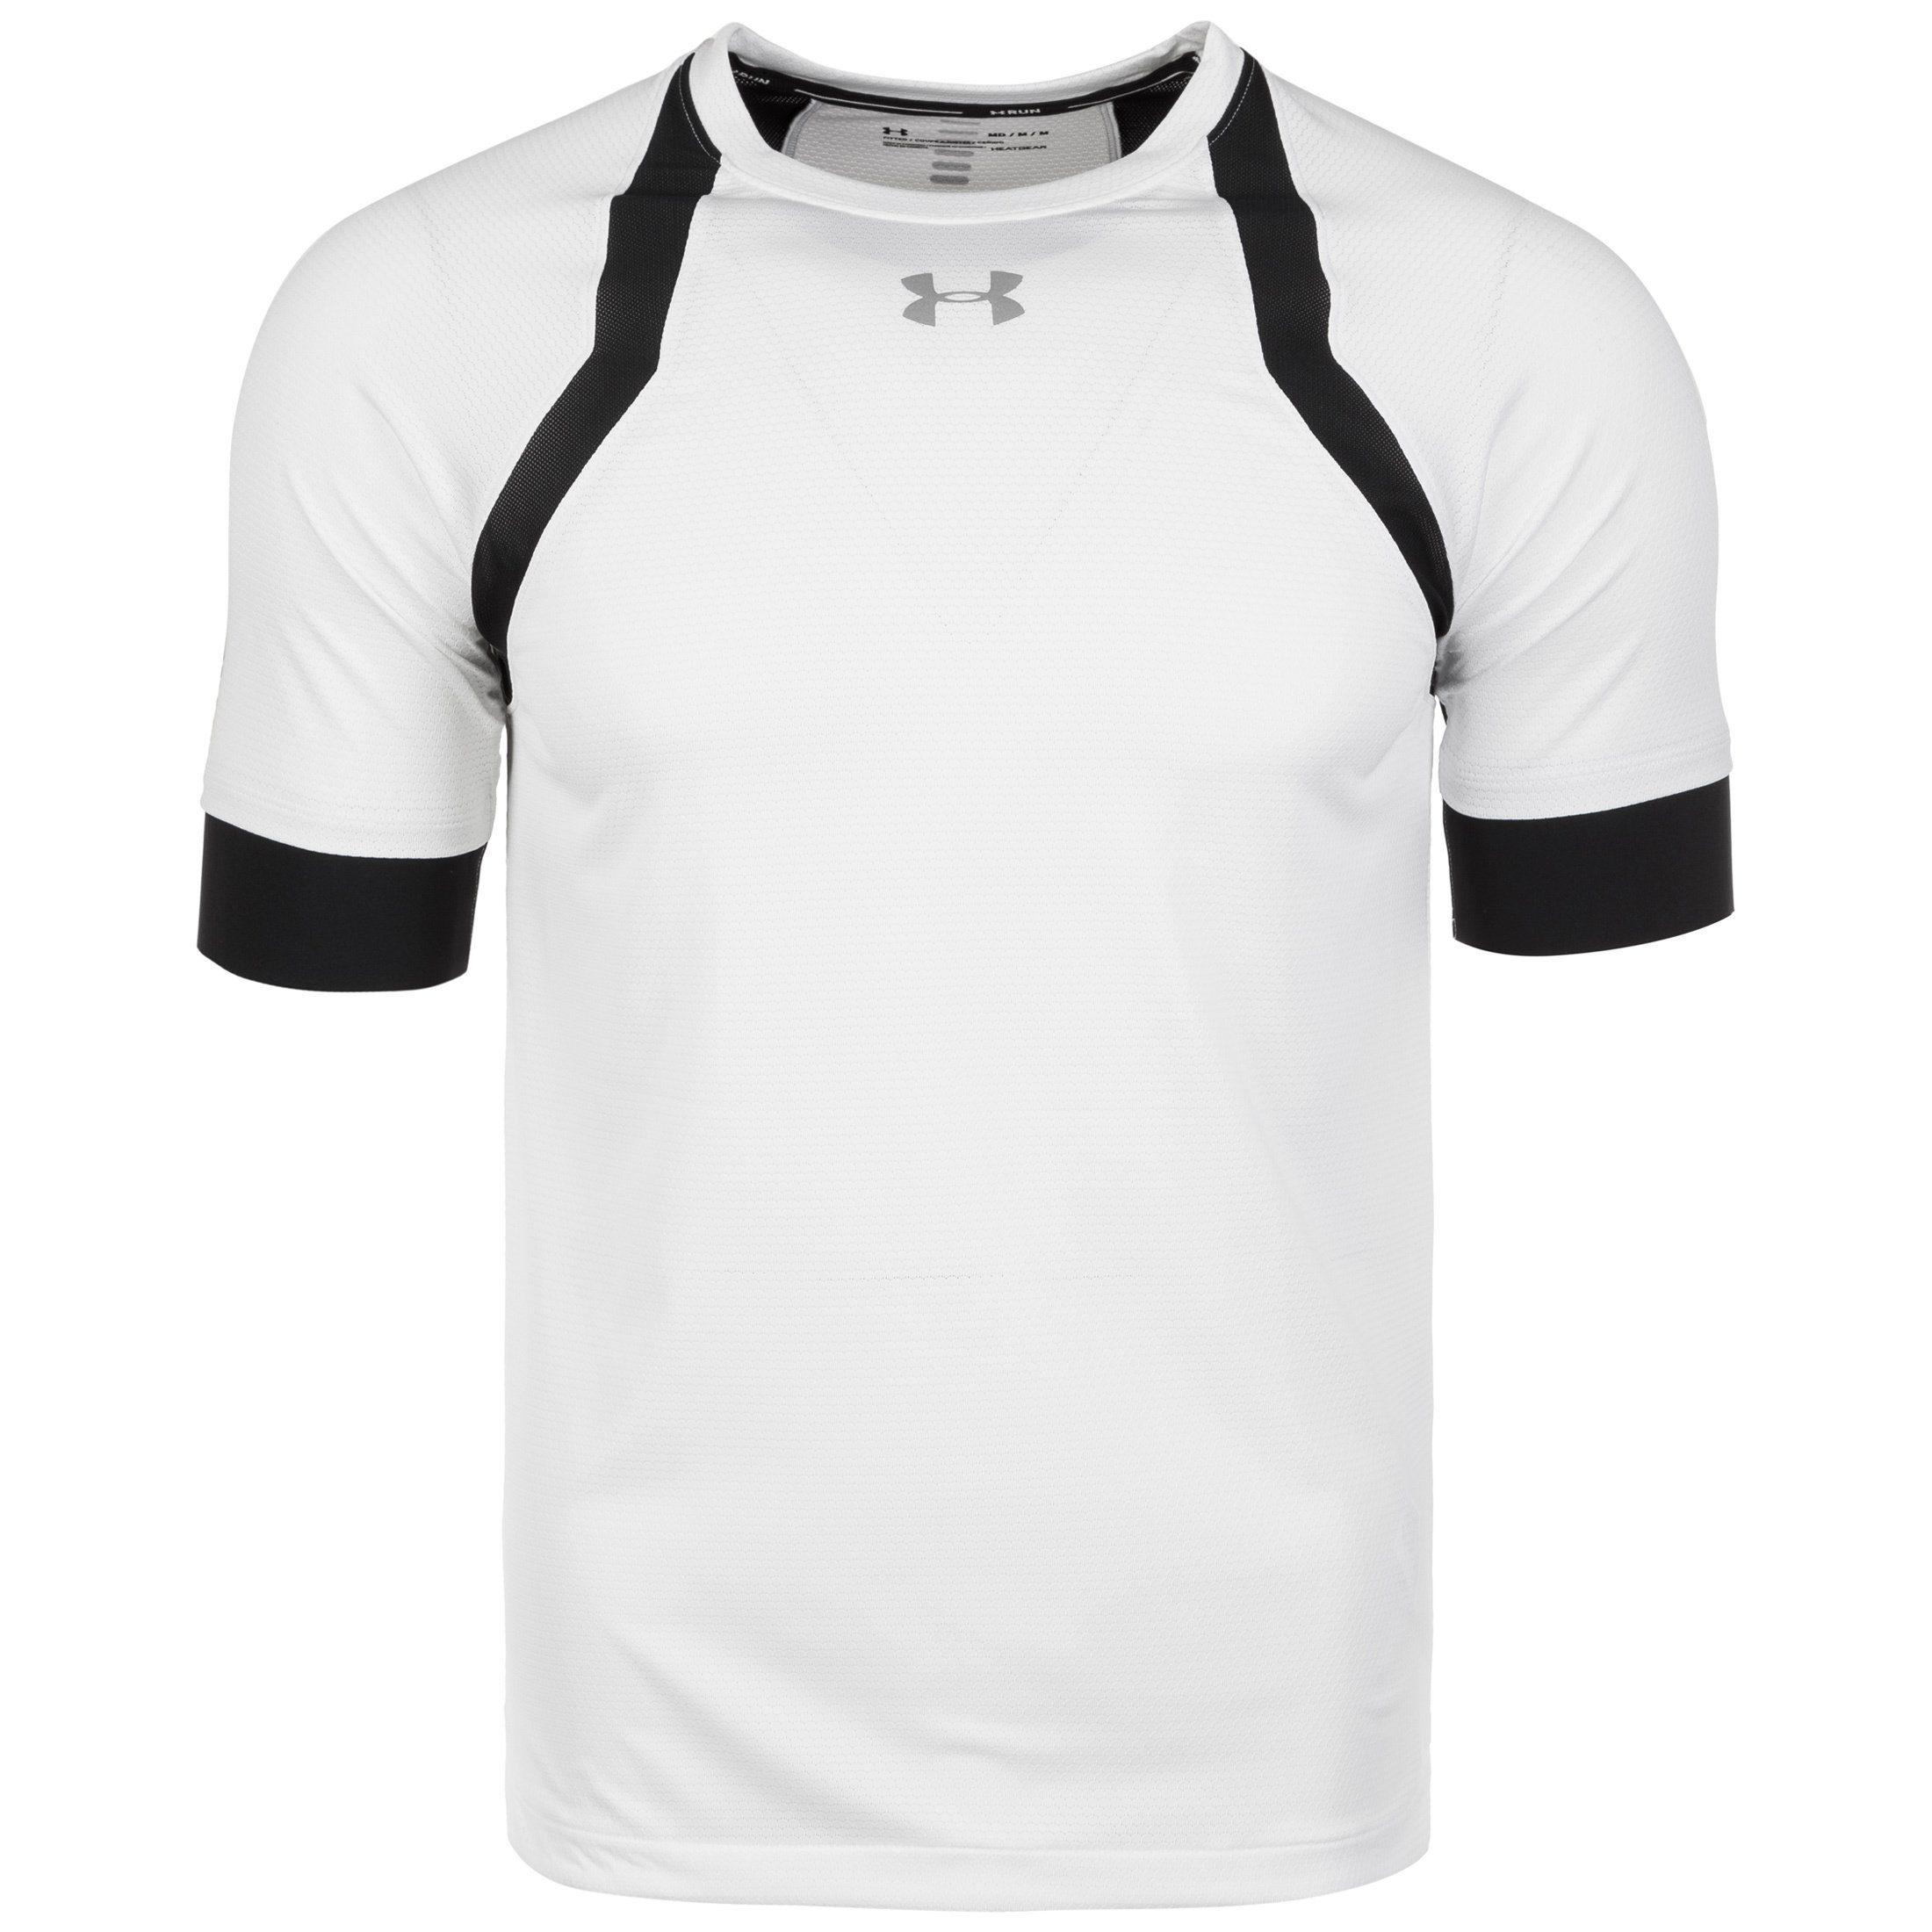 Under Armour Laufshirt Heatgear Hexdelta | Sportbekleidung > Sportshirts > Laufshirts | Weiß | Under Armour